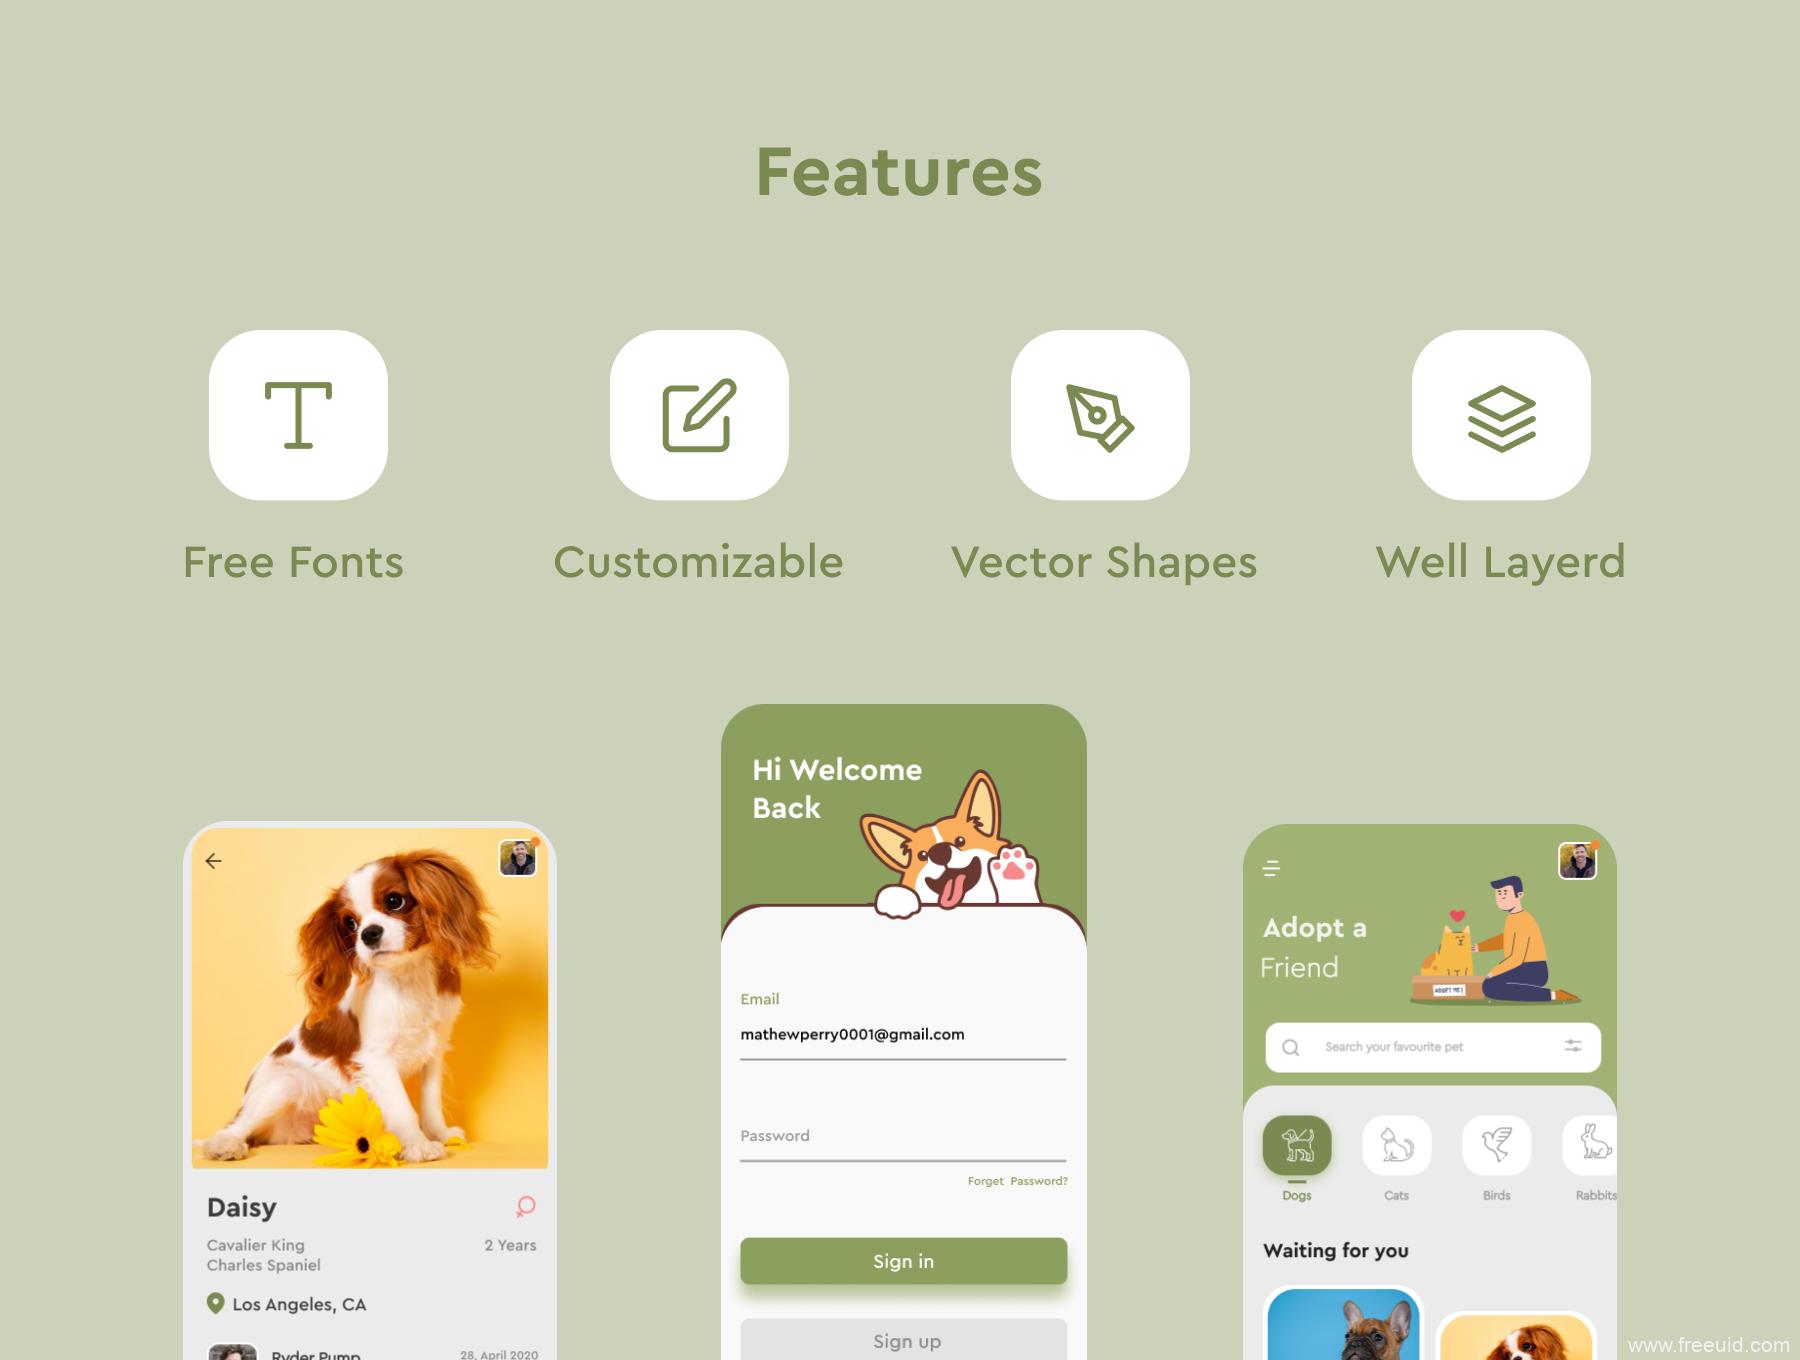 免费宠物轻社交App UI源文件下载,宠物领养社区App UI界面套装figma源文件下载